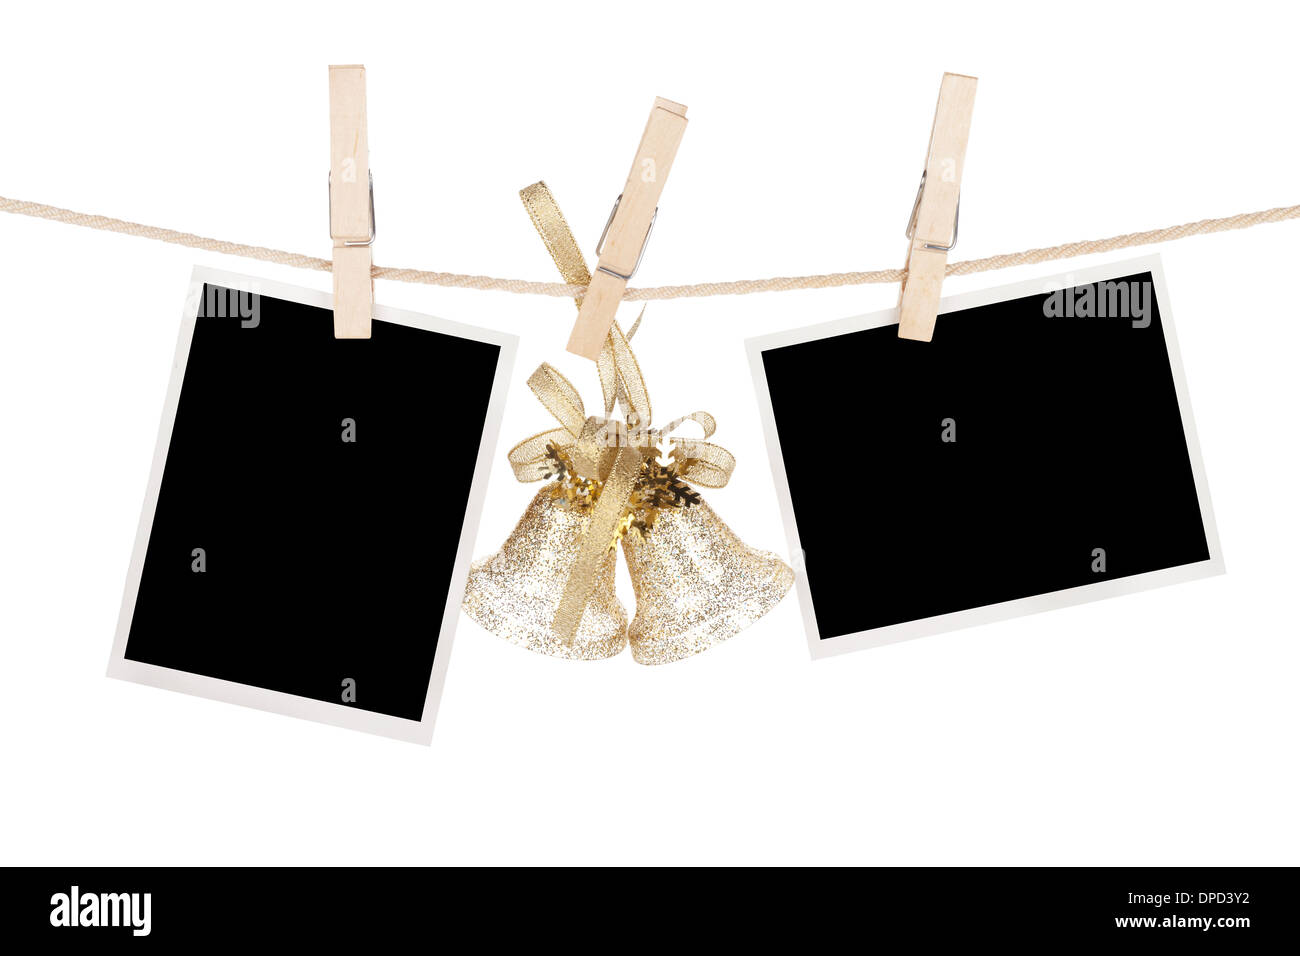 Marcos de fotos en blanco y decorado de Navidad colgando en el ...